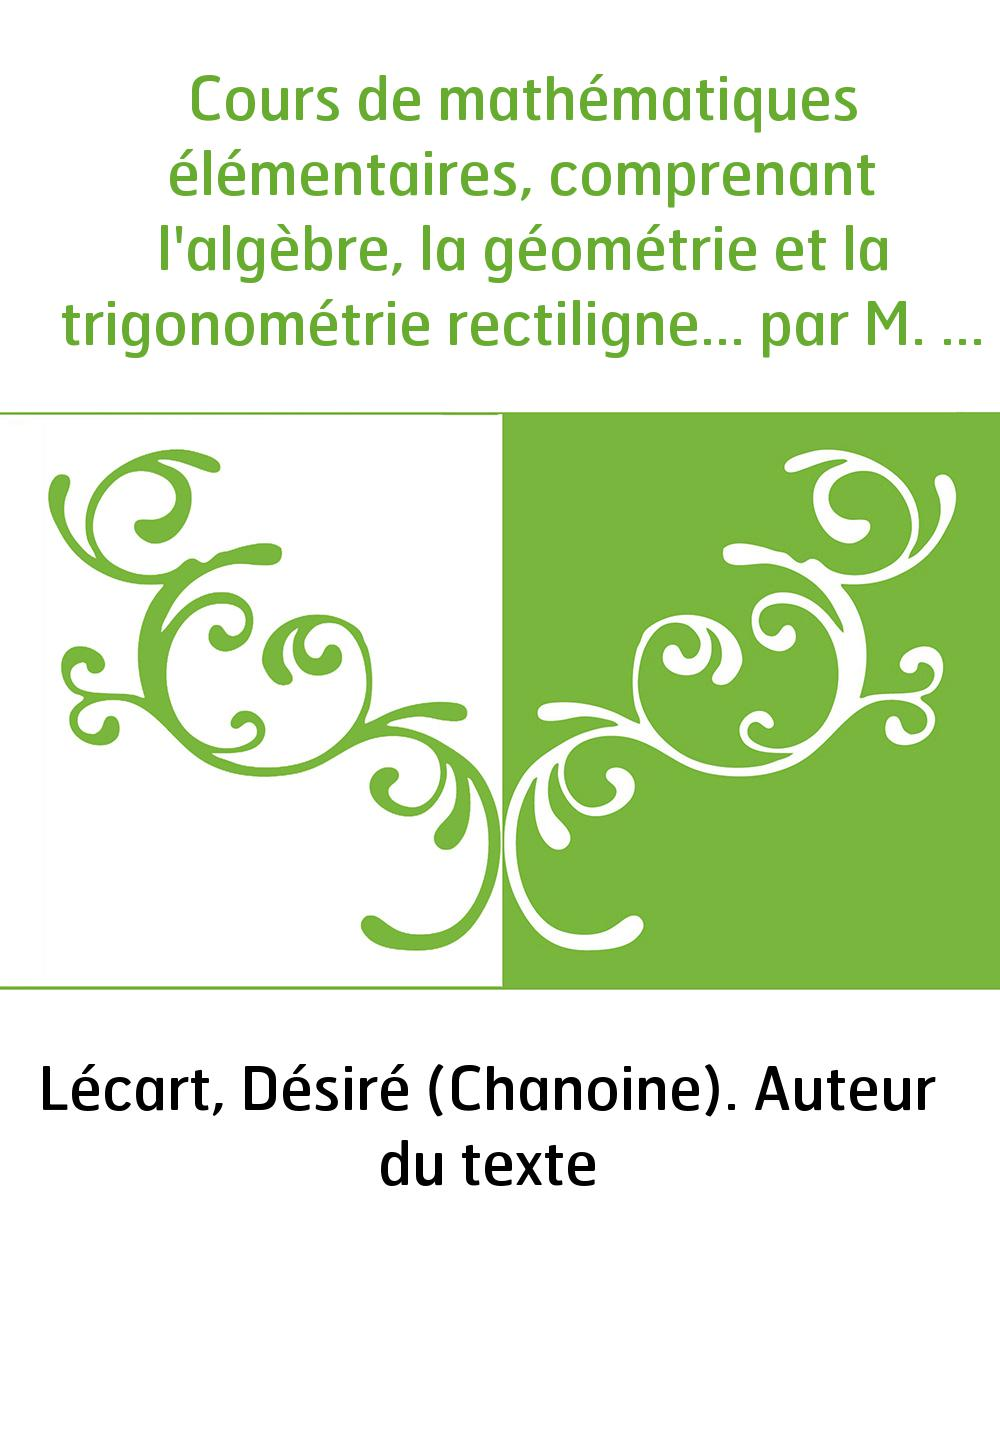 Cours de mathématiques élémentaires, comprenant l'algèbre, la géométrie et la trigonométrie rectiligne... par M. l'abbé D. Lécar